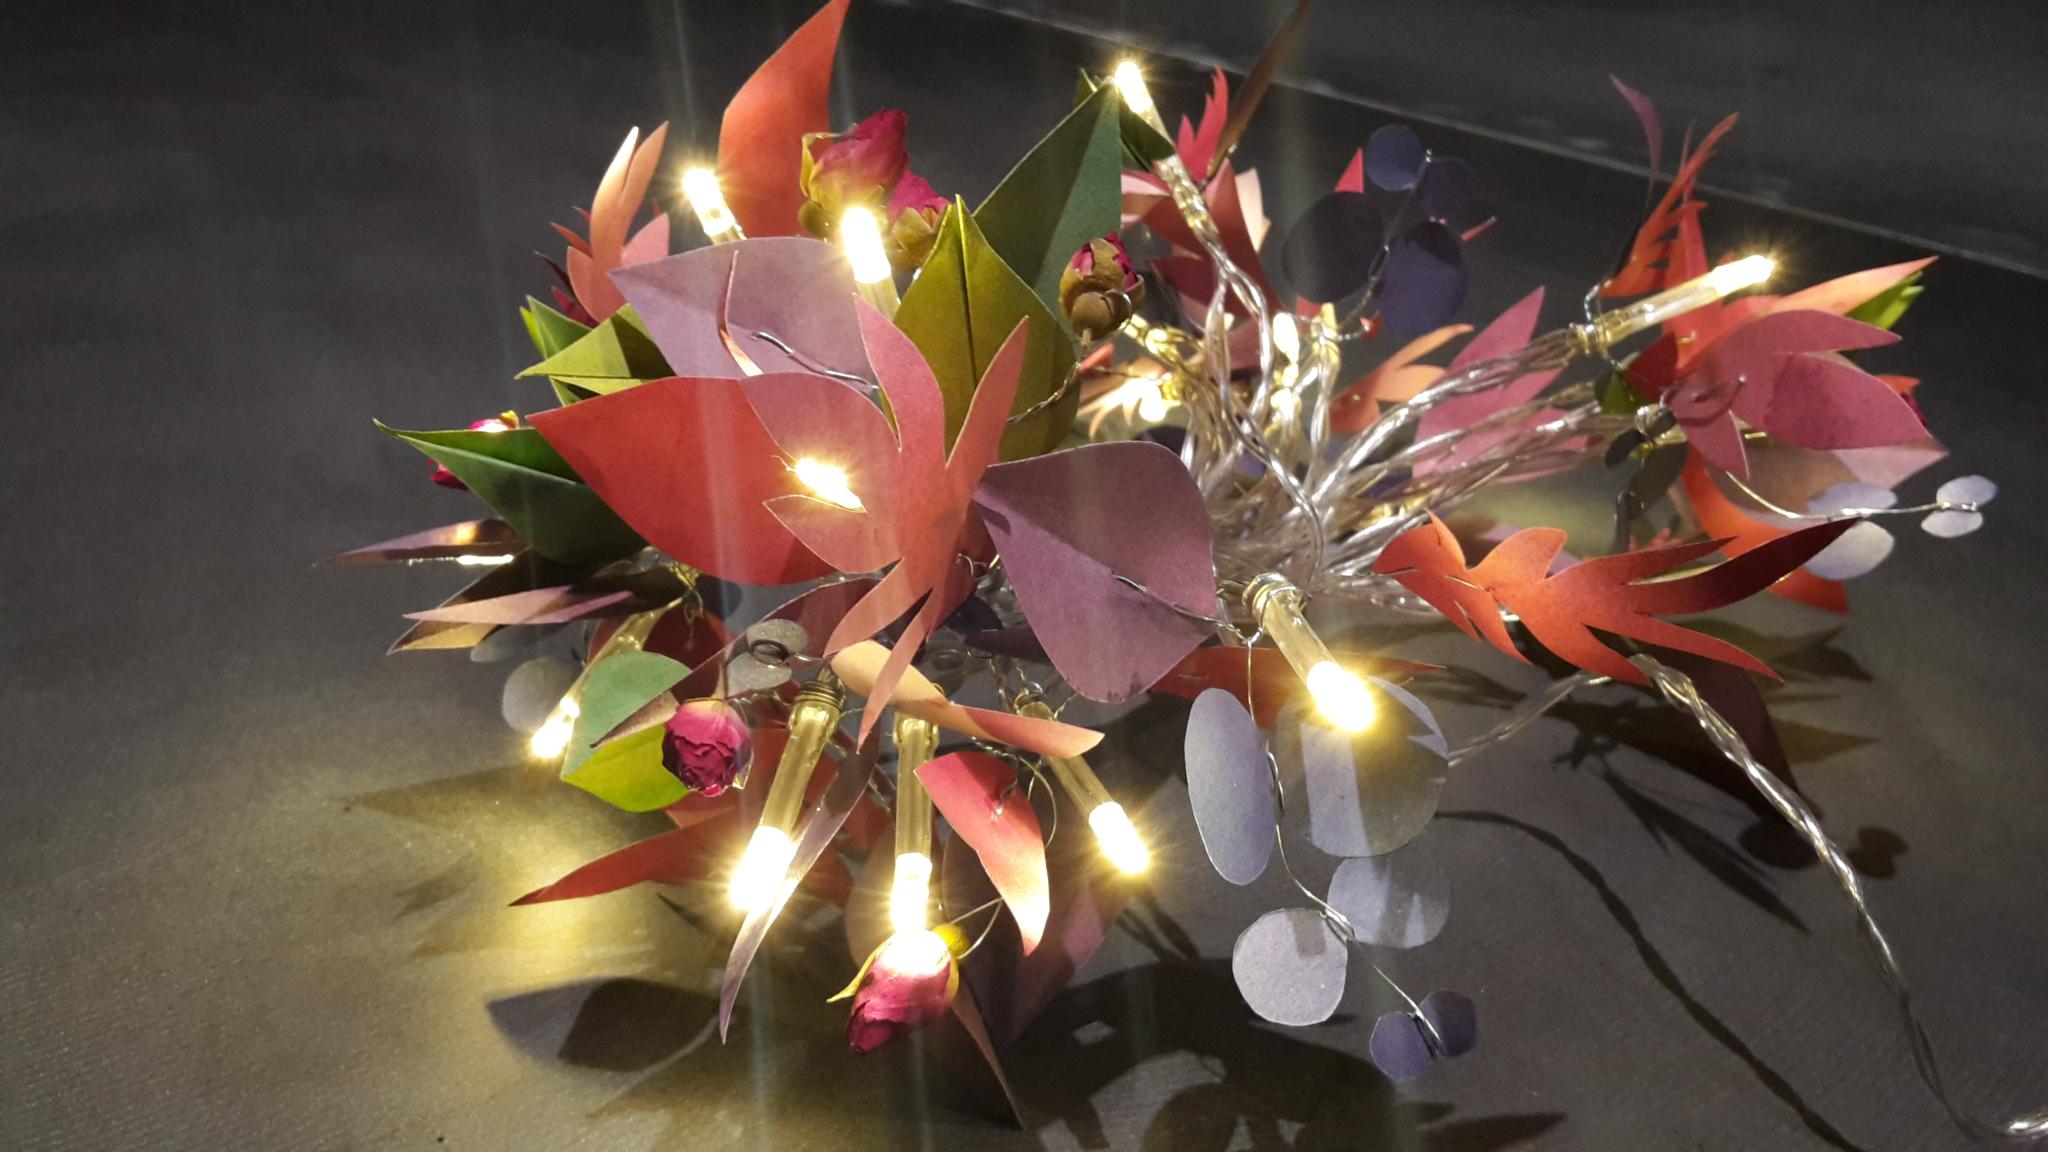 hortense-rossignol-creation